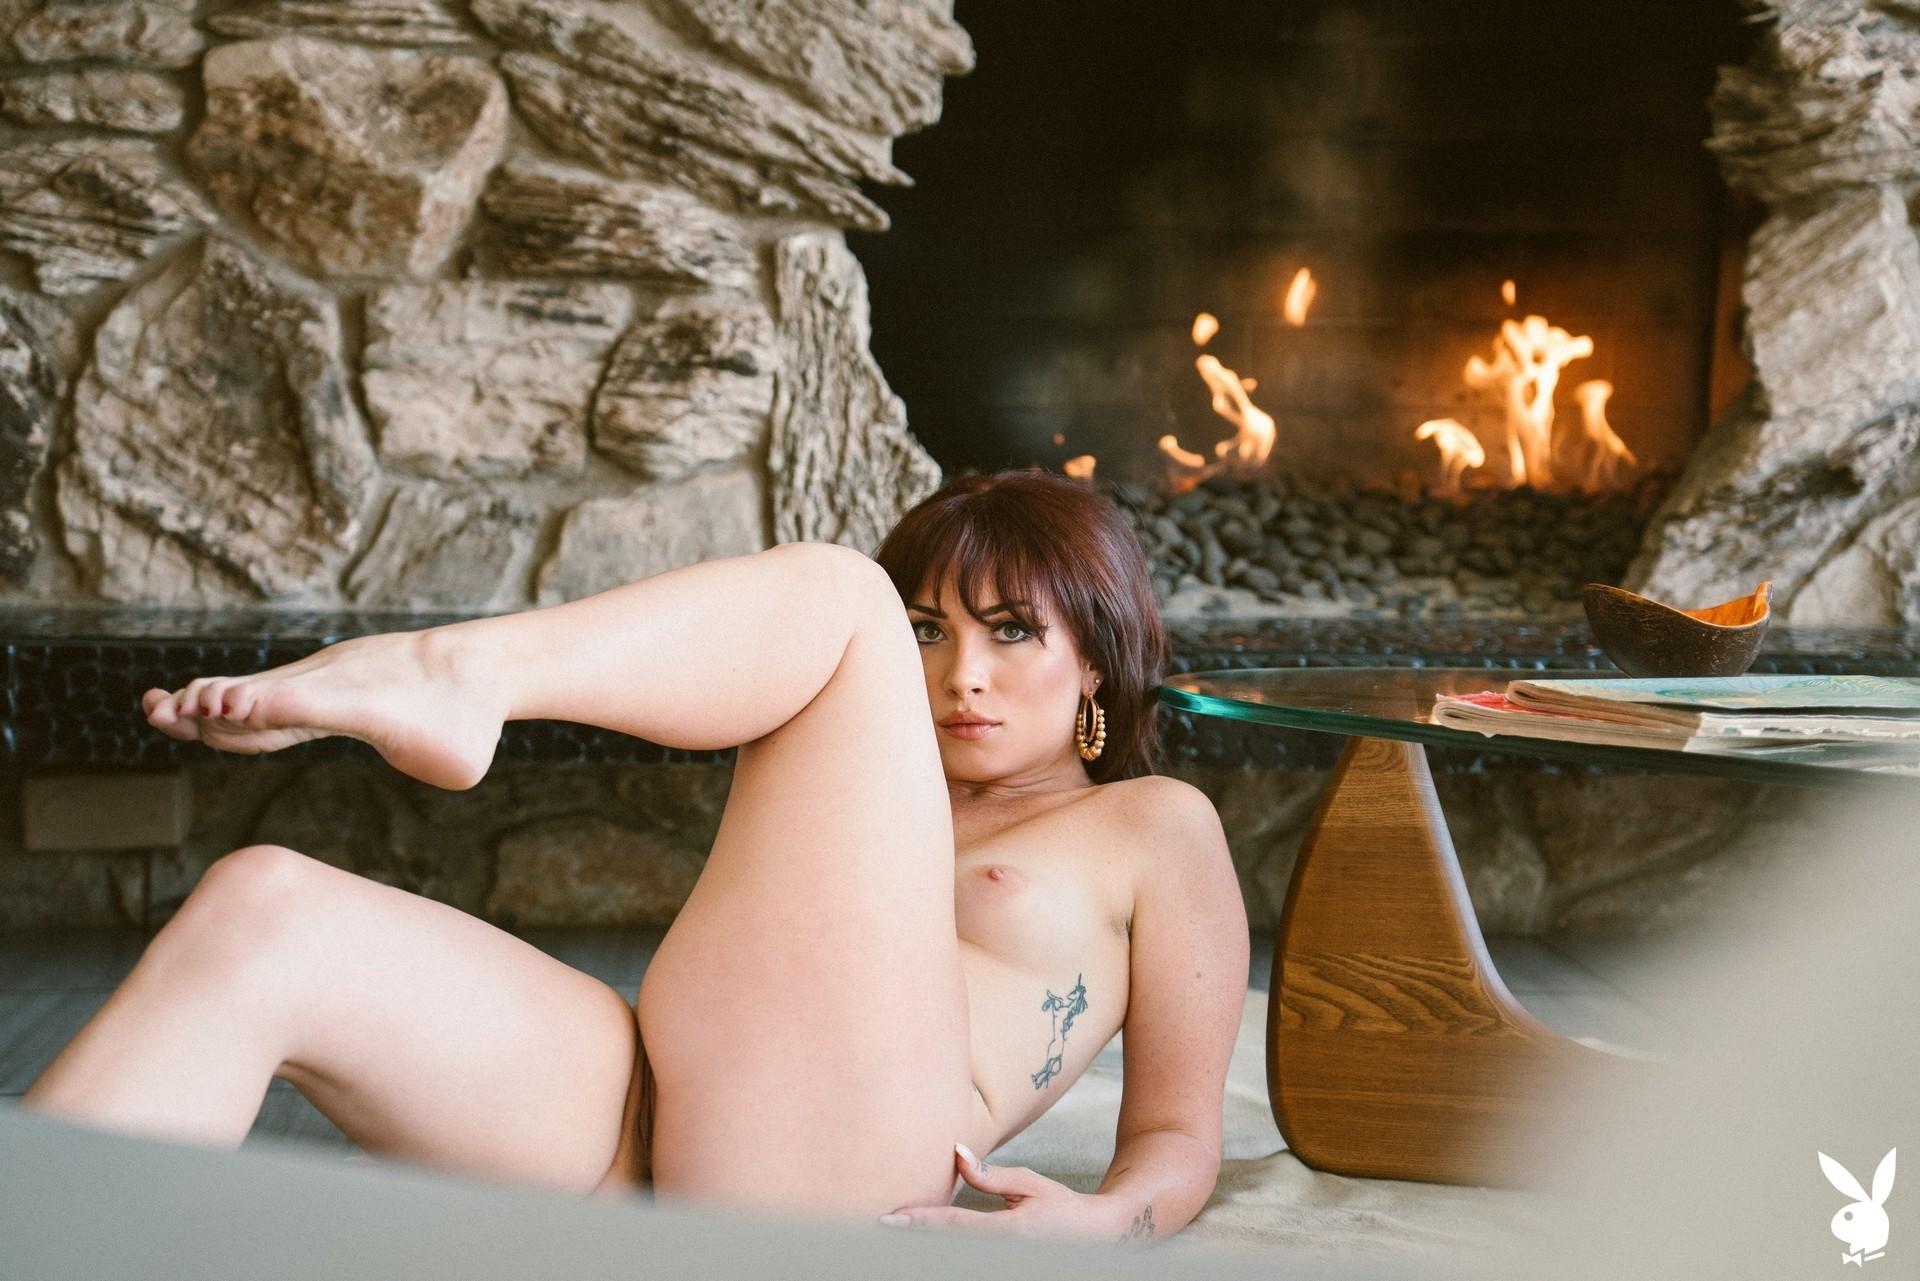 Kenna In Warm Invitation Playboy Plus (24)